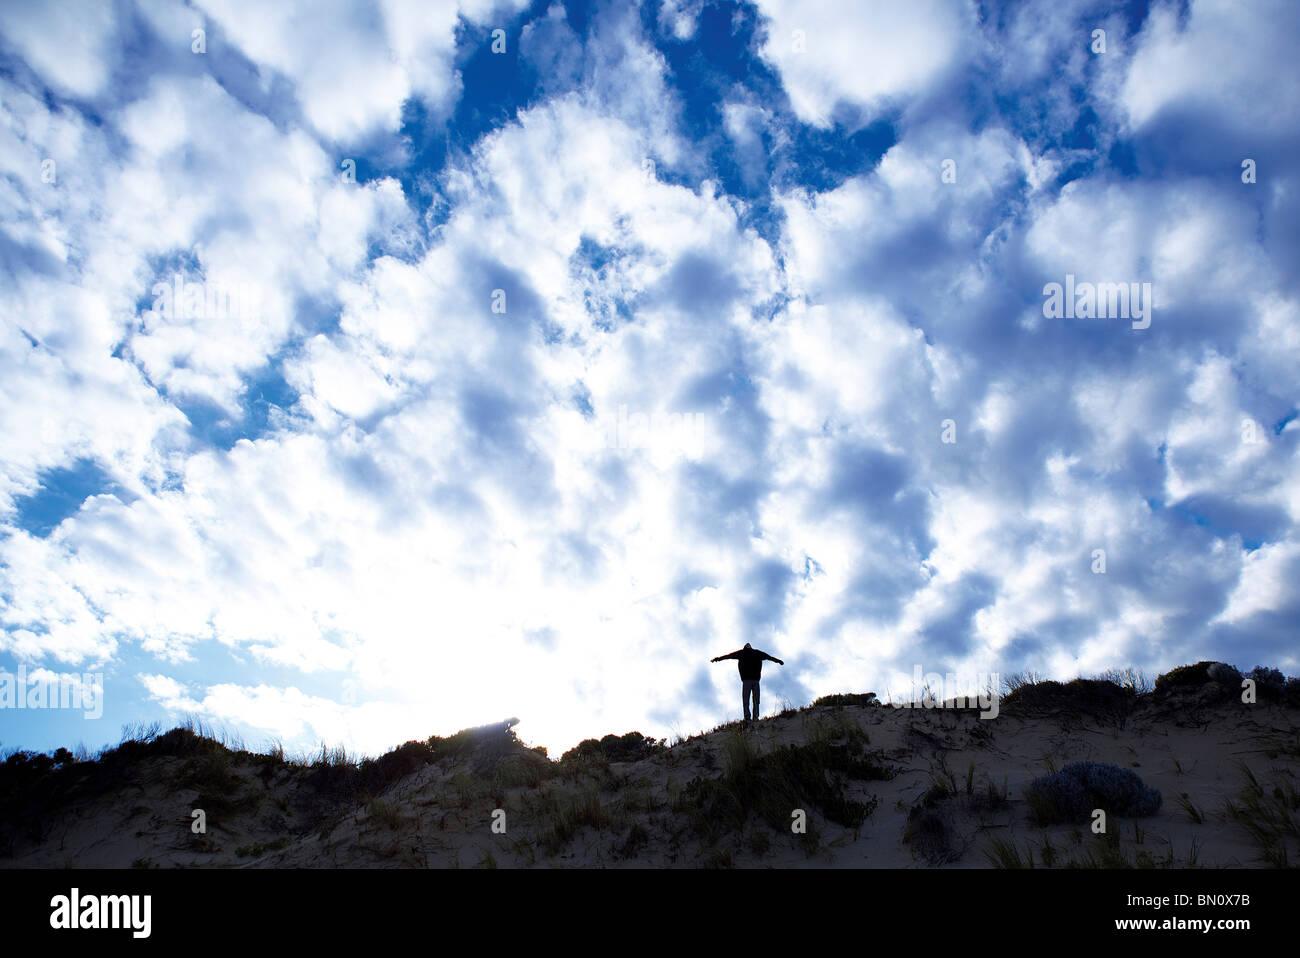 Giovane ragazzo sulle dune in silhouette Foto Stock